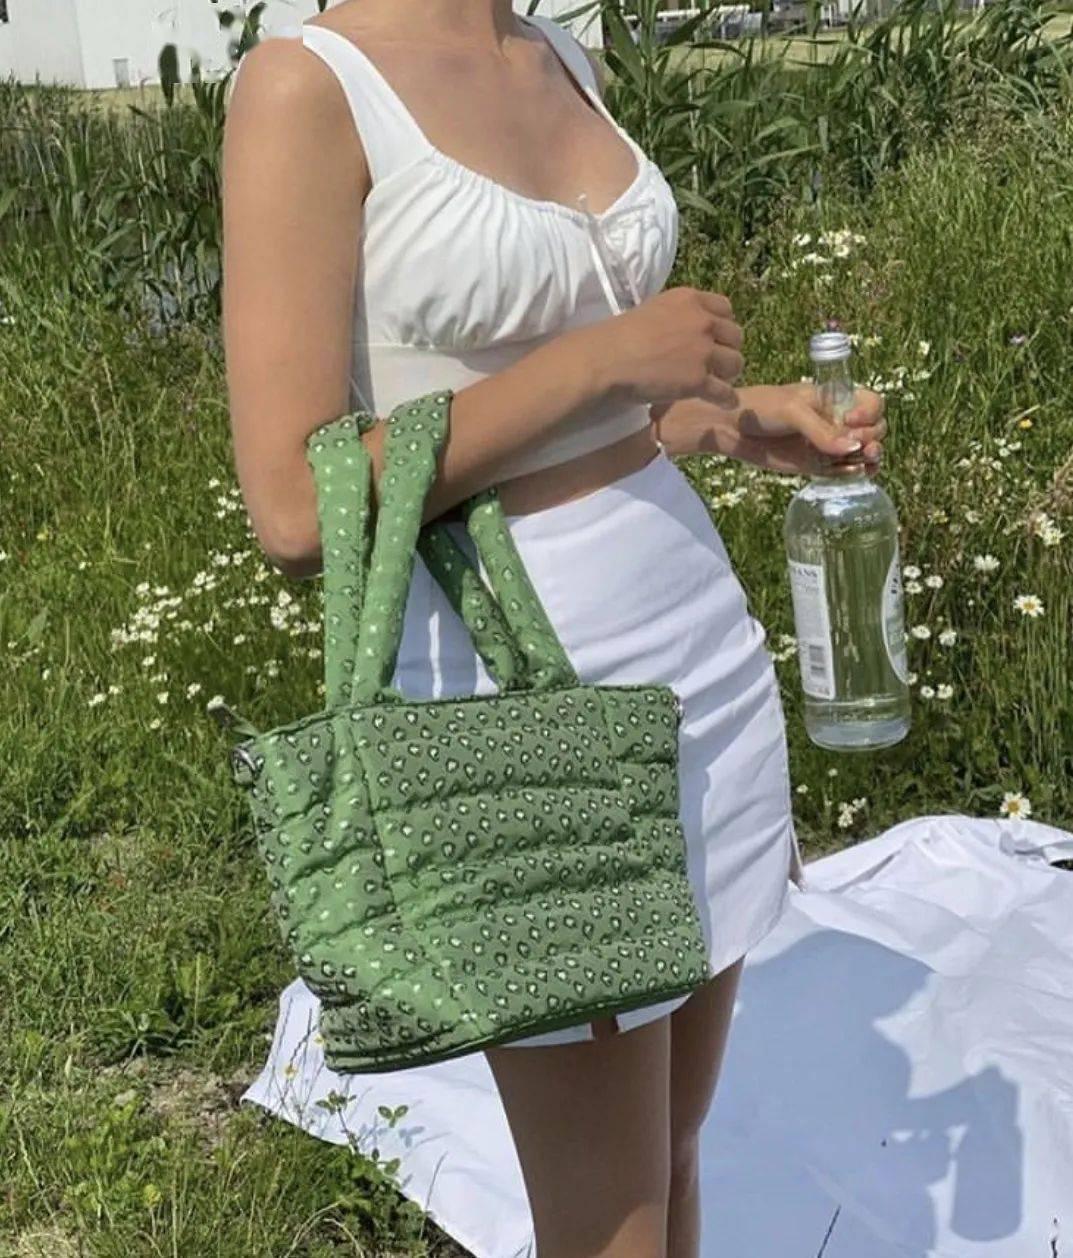 春天的小众包,都是春天的模样。